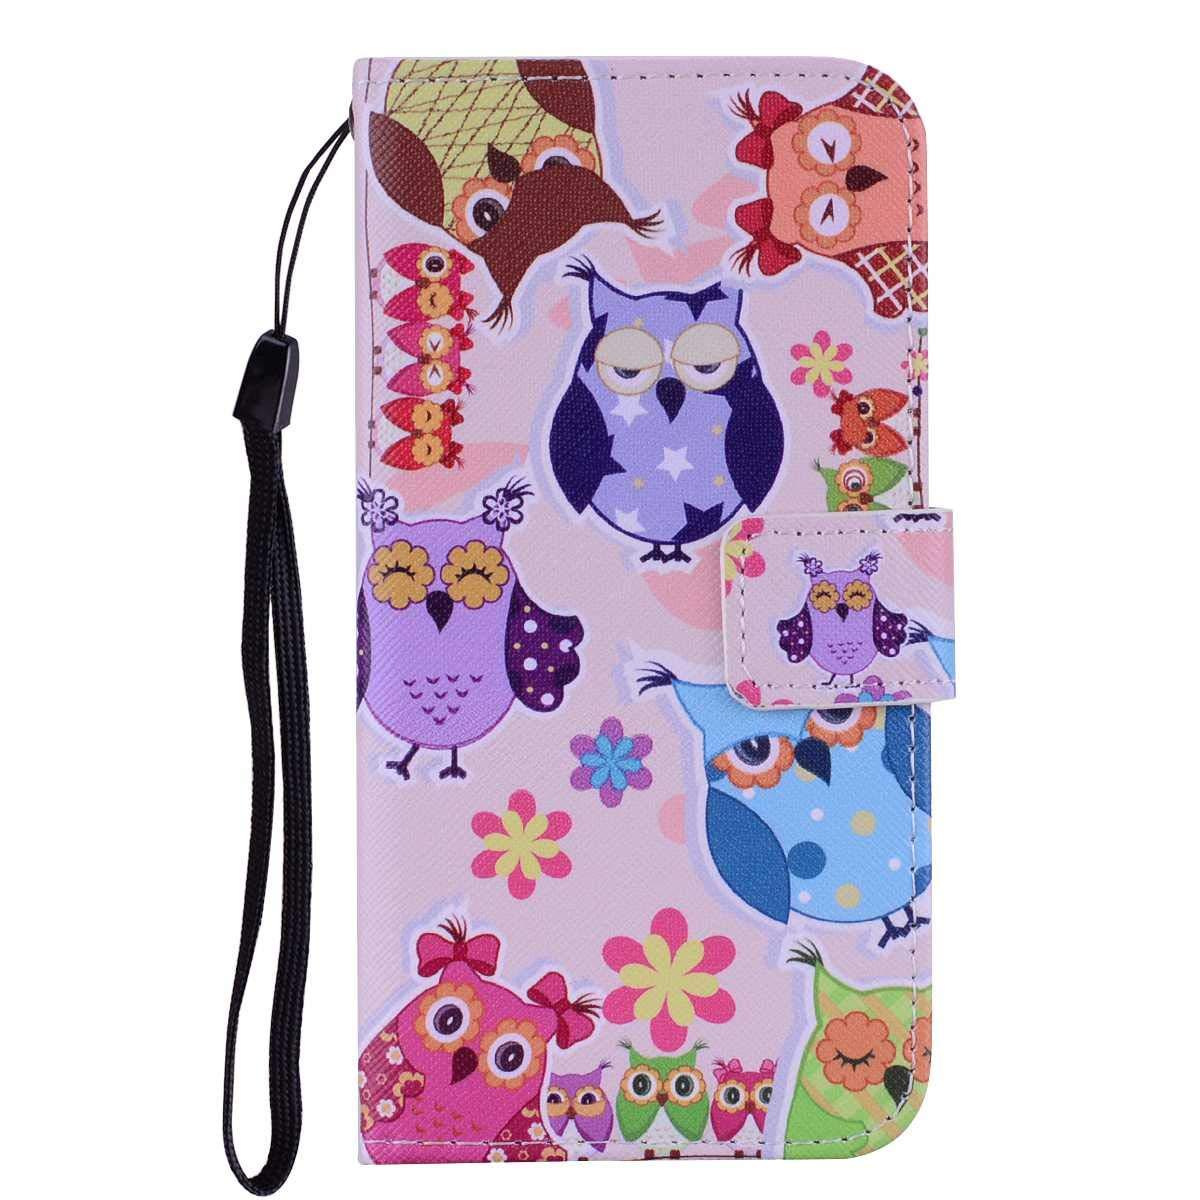 Coque iPhone X/iPhone XS, SONWO Modèle de Dessin Animé Mignon PU Cuir Rabat Portefeuille Etui avec La Fonction Stand et Fente pour Carte pour Apple iPhone X/iPhone XS, Owl-2